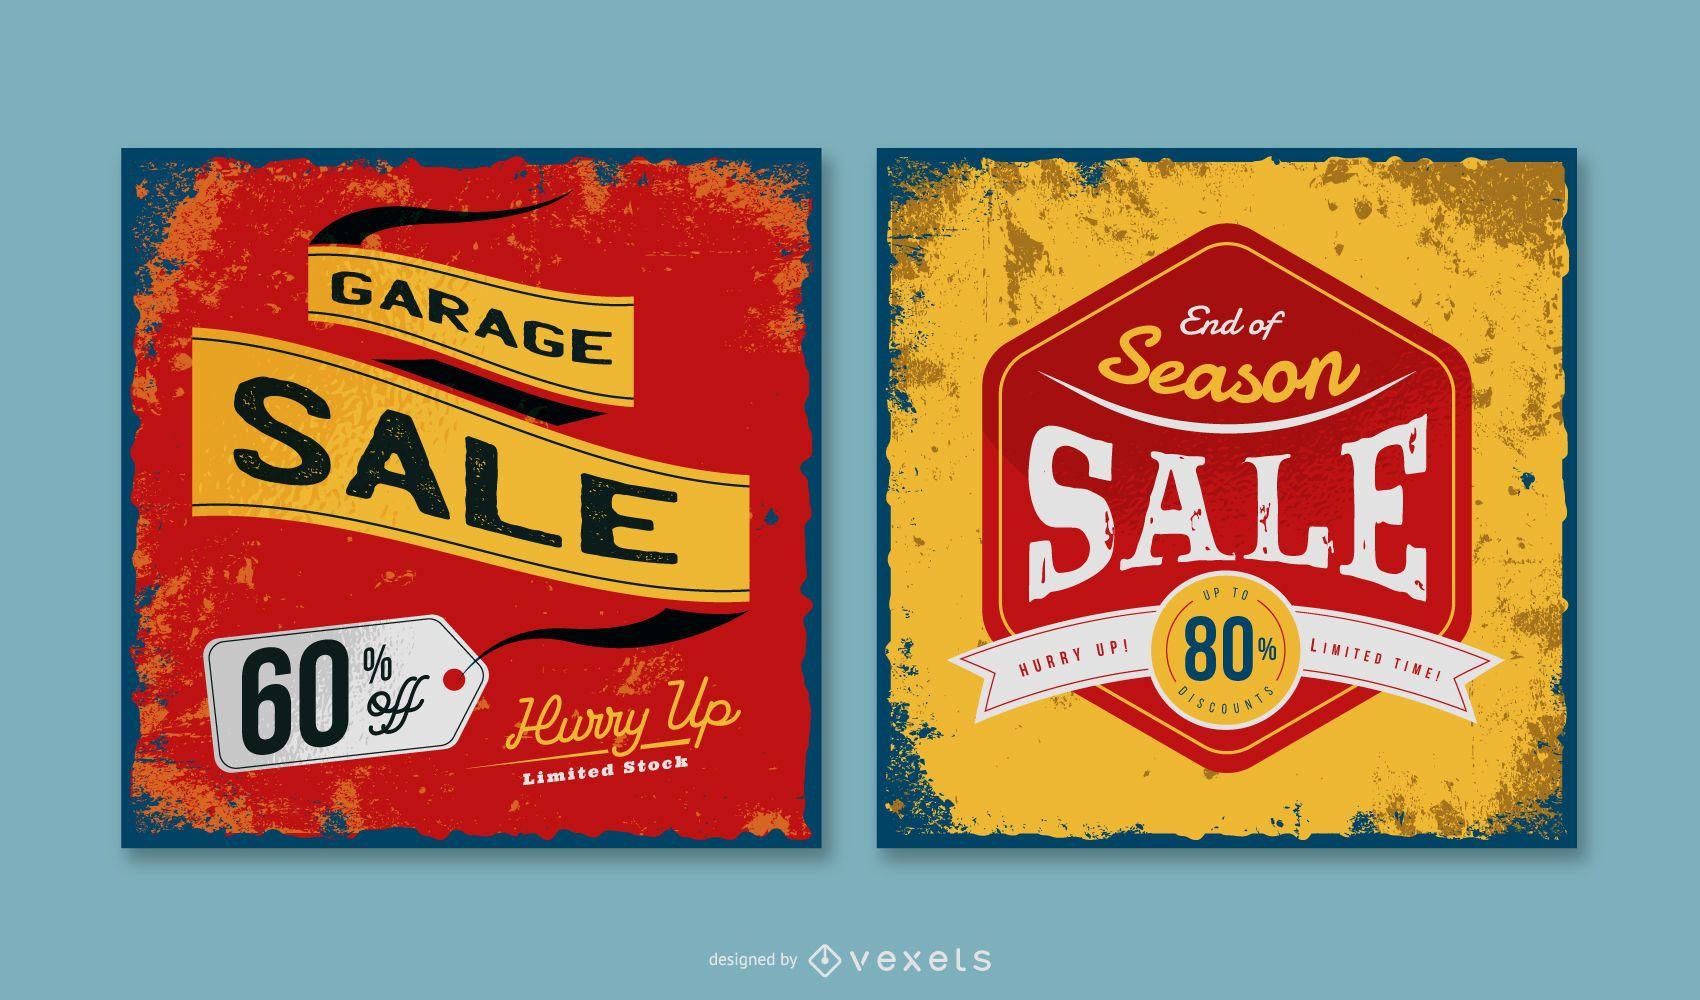 Paquete de banner vintage de venta de garaje